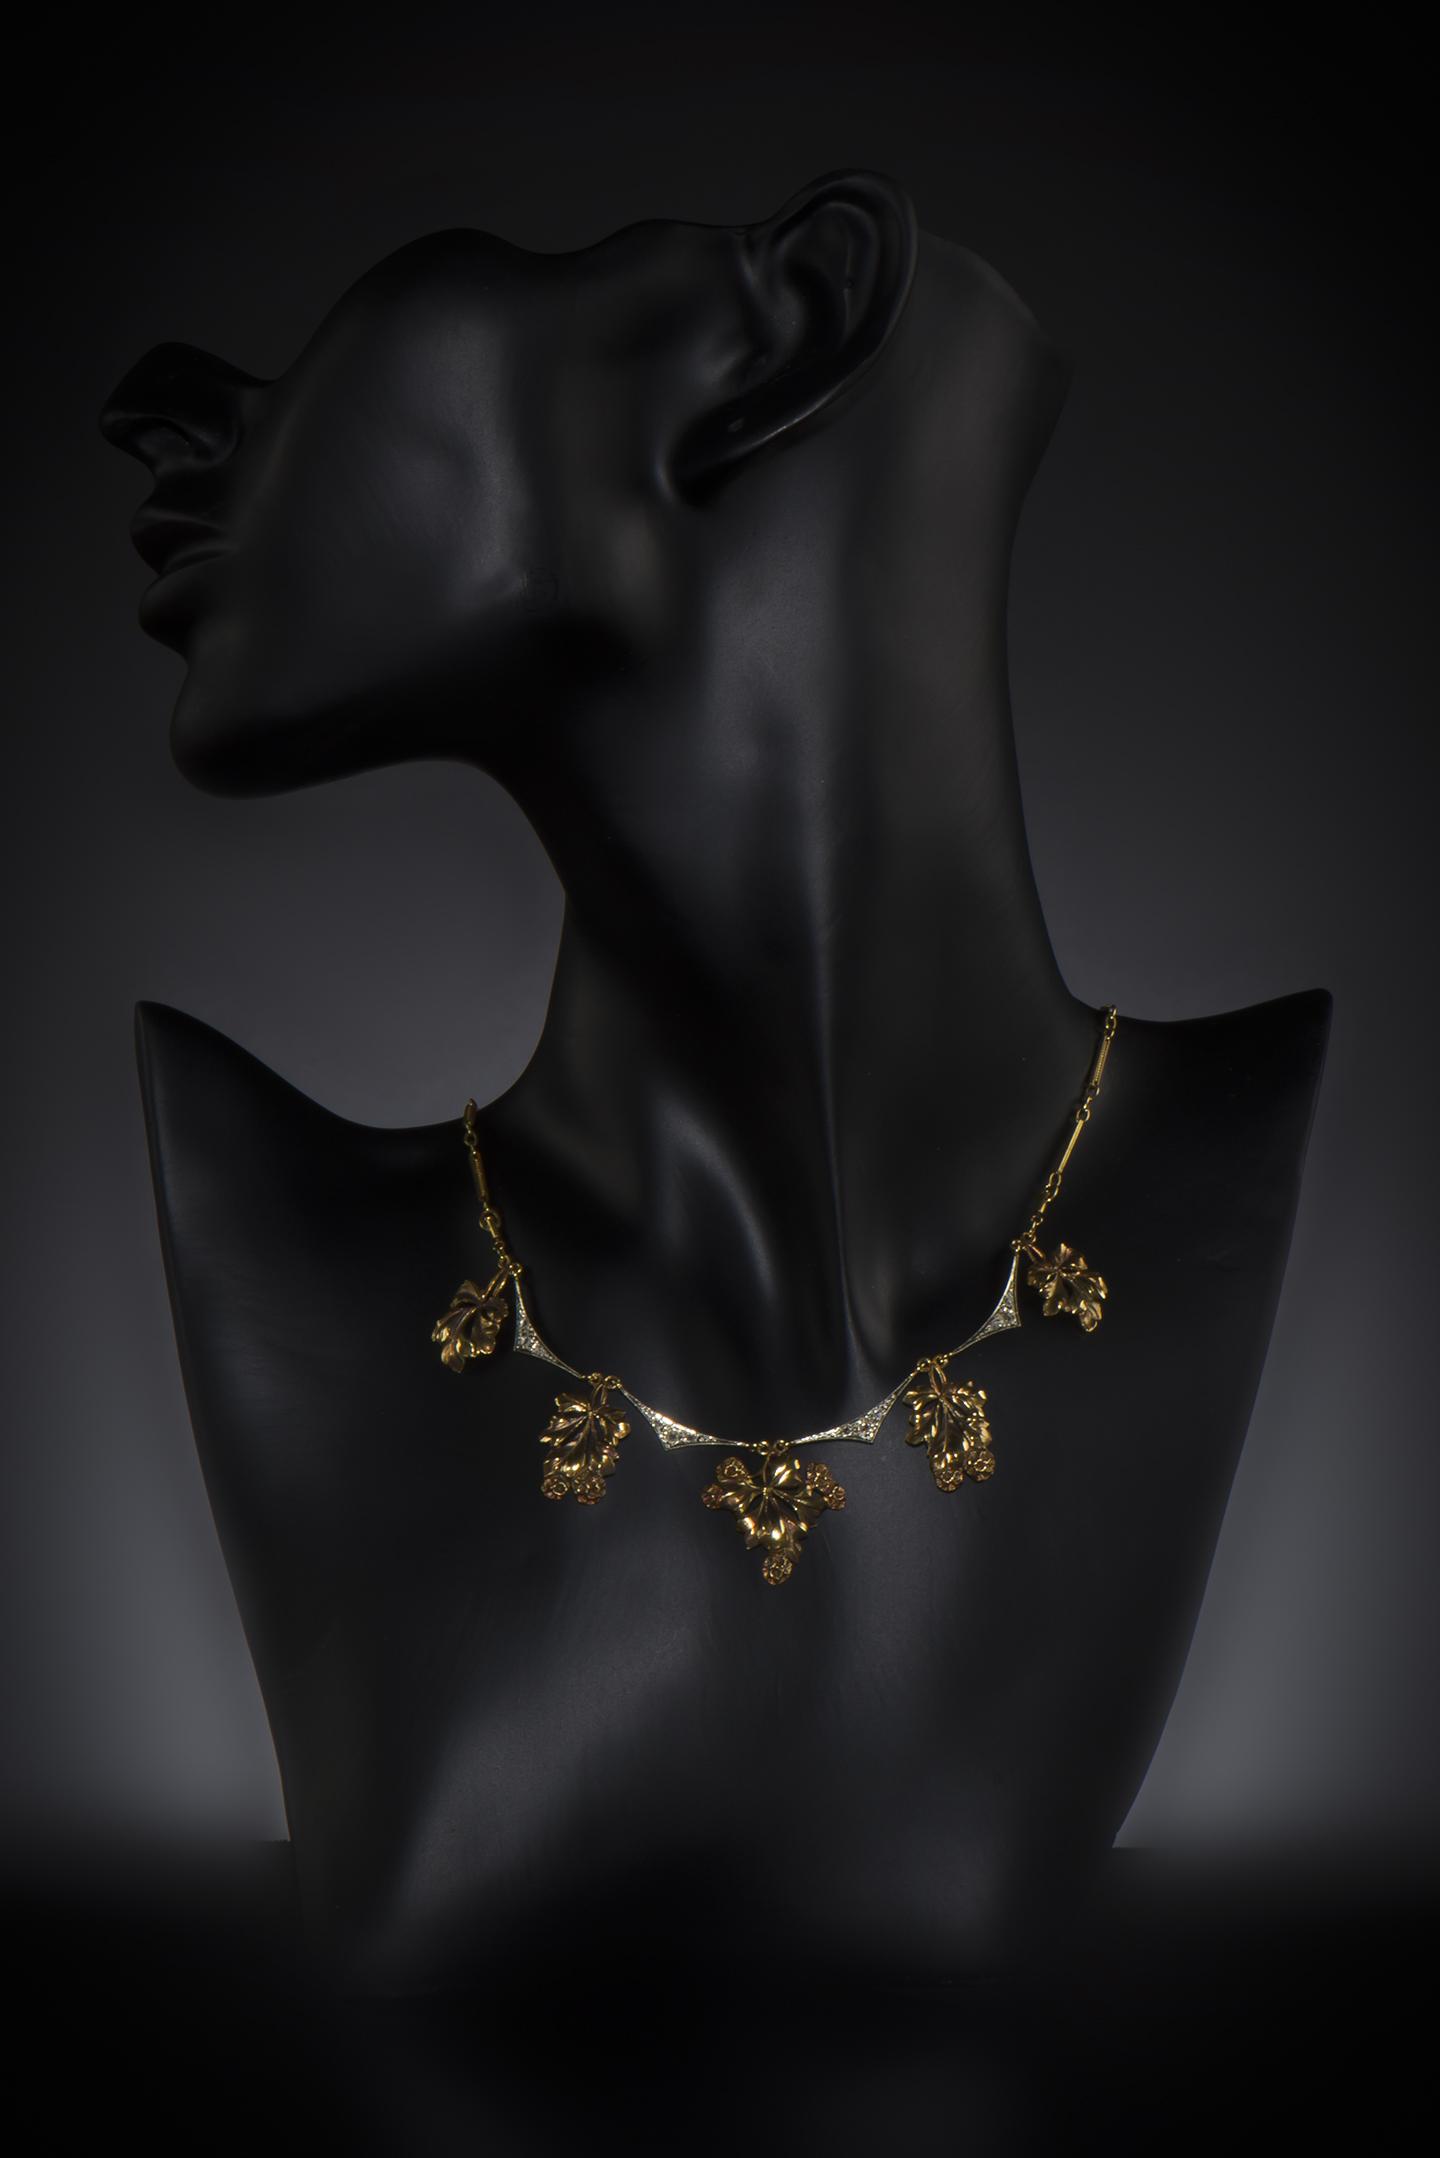 Collier diamants fin XIXe siècle-2